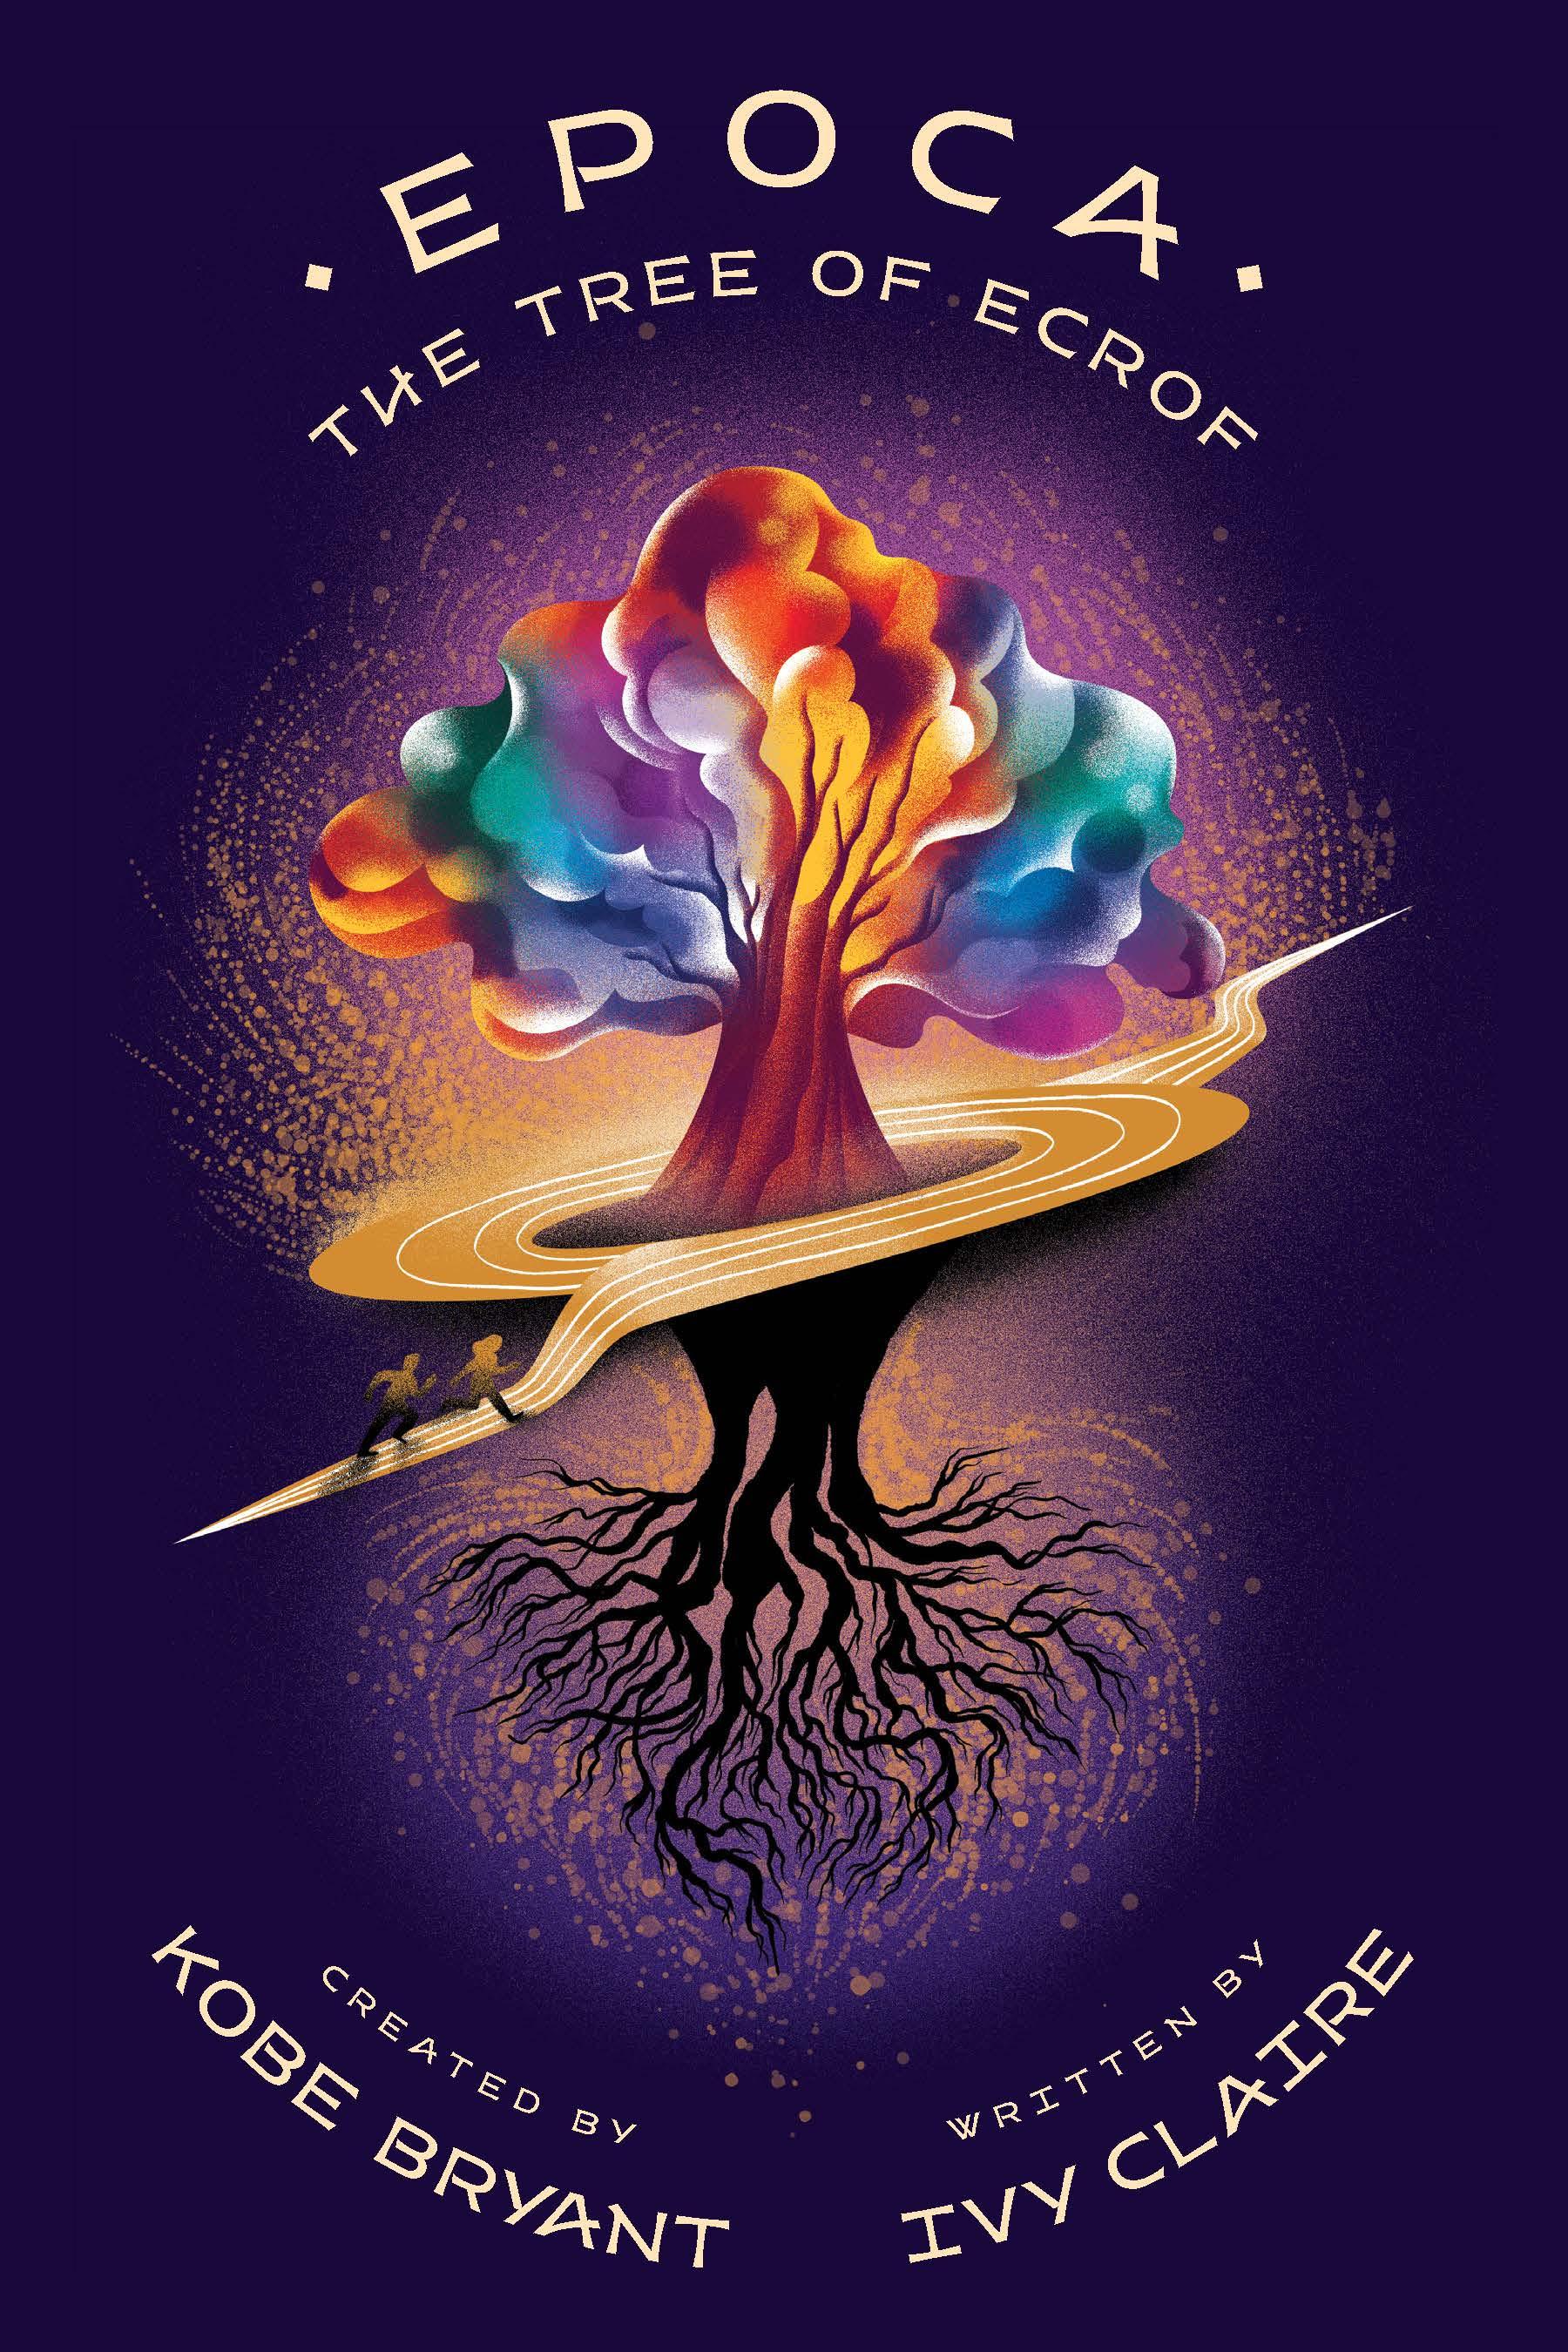 Epoca: The Tree of Ecrof [electronic resource]